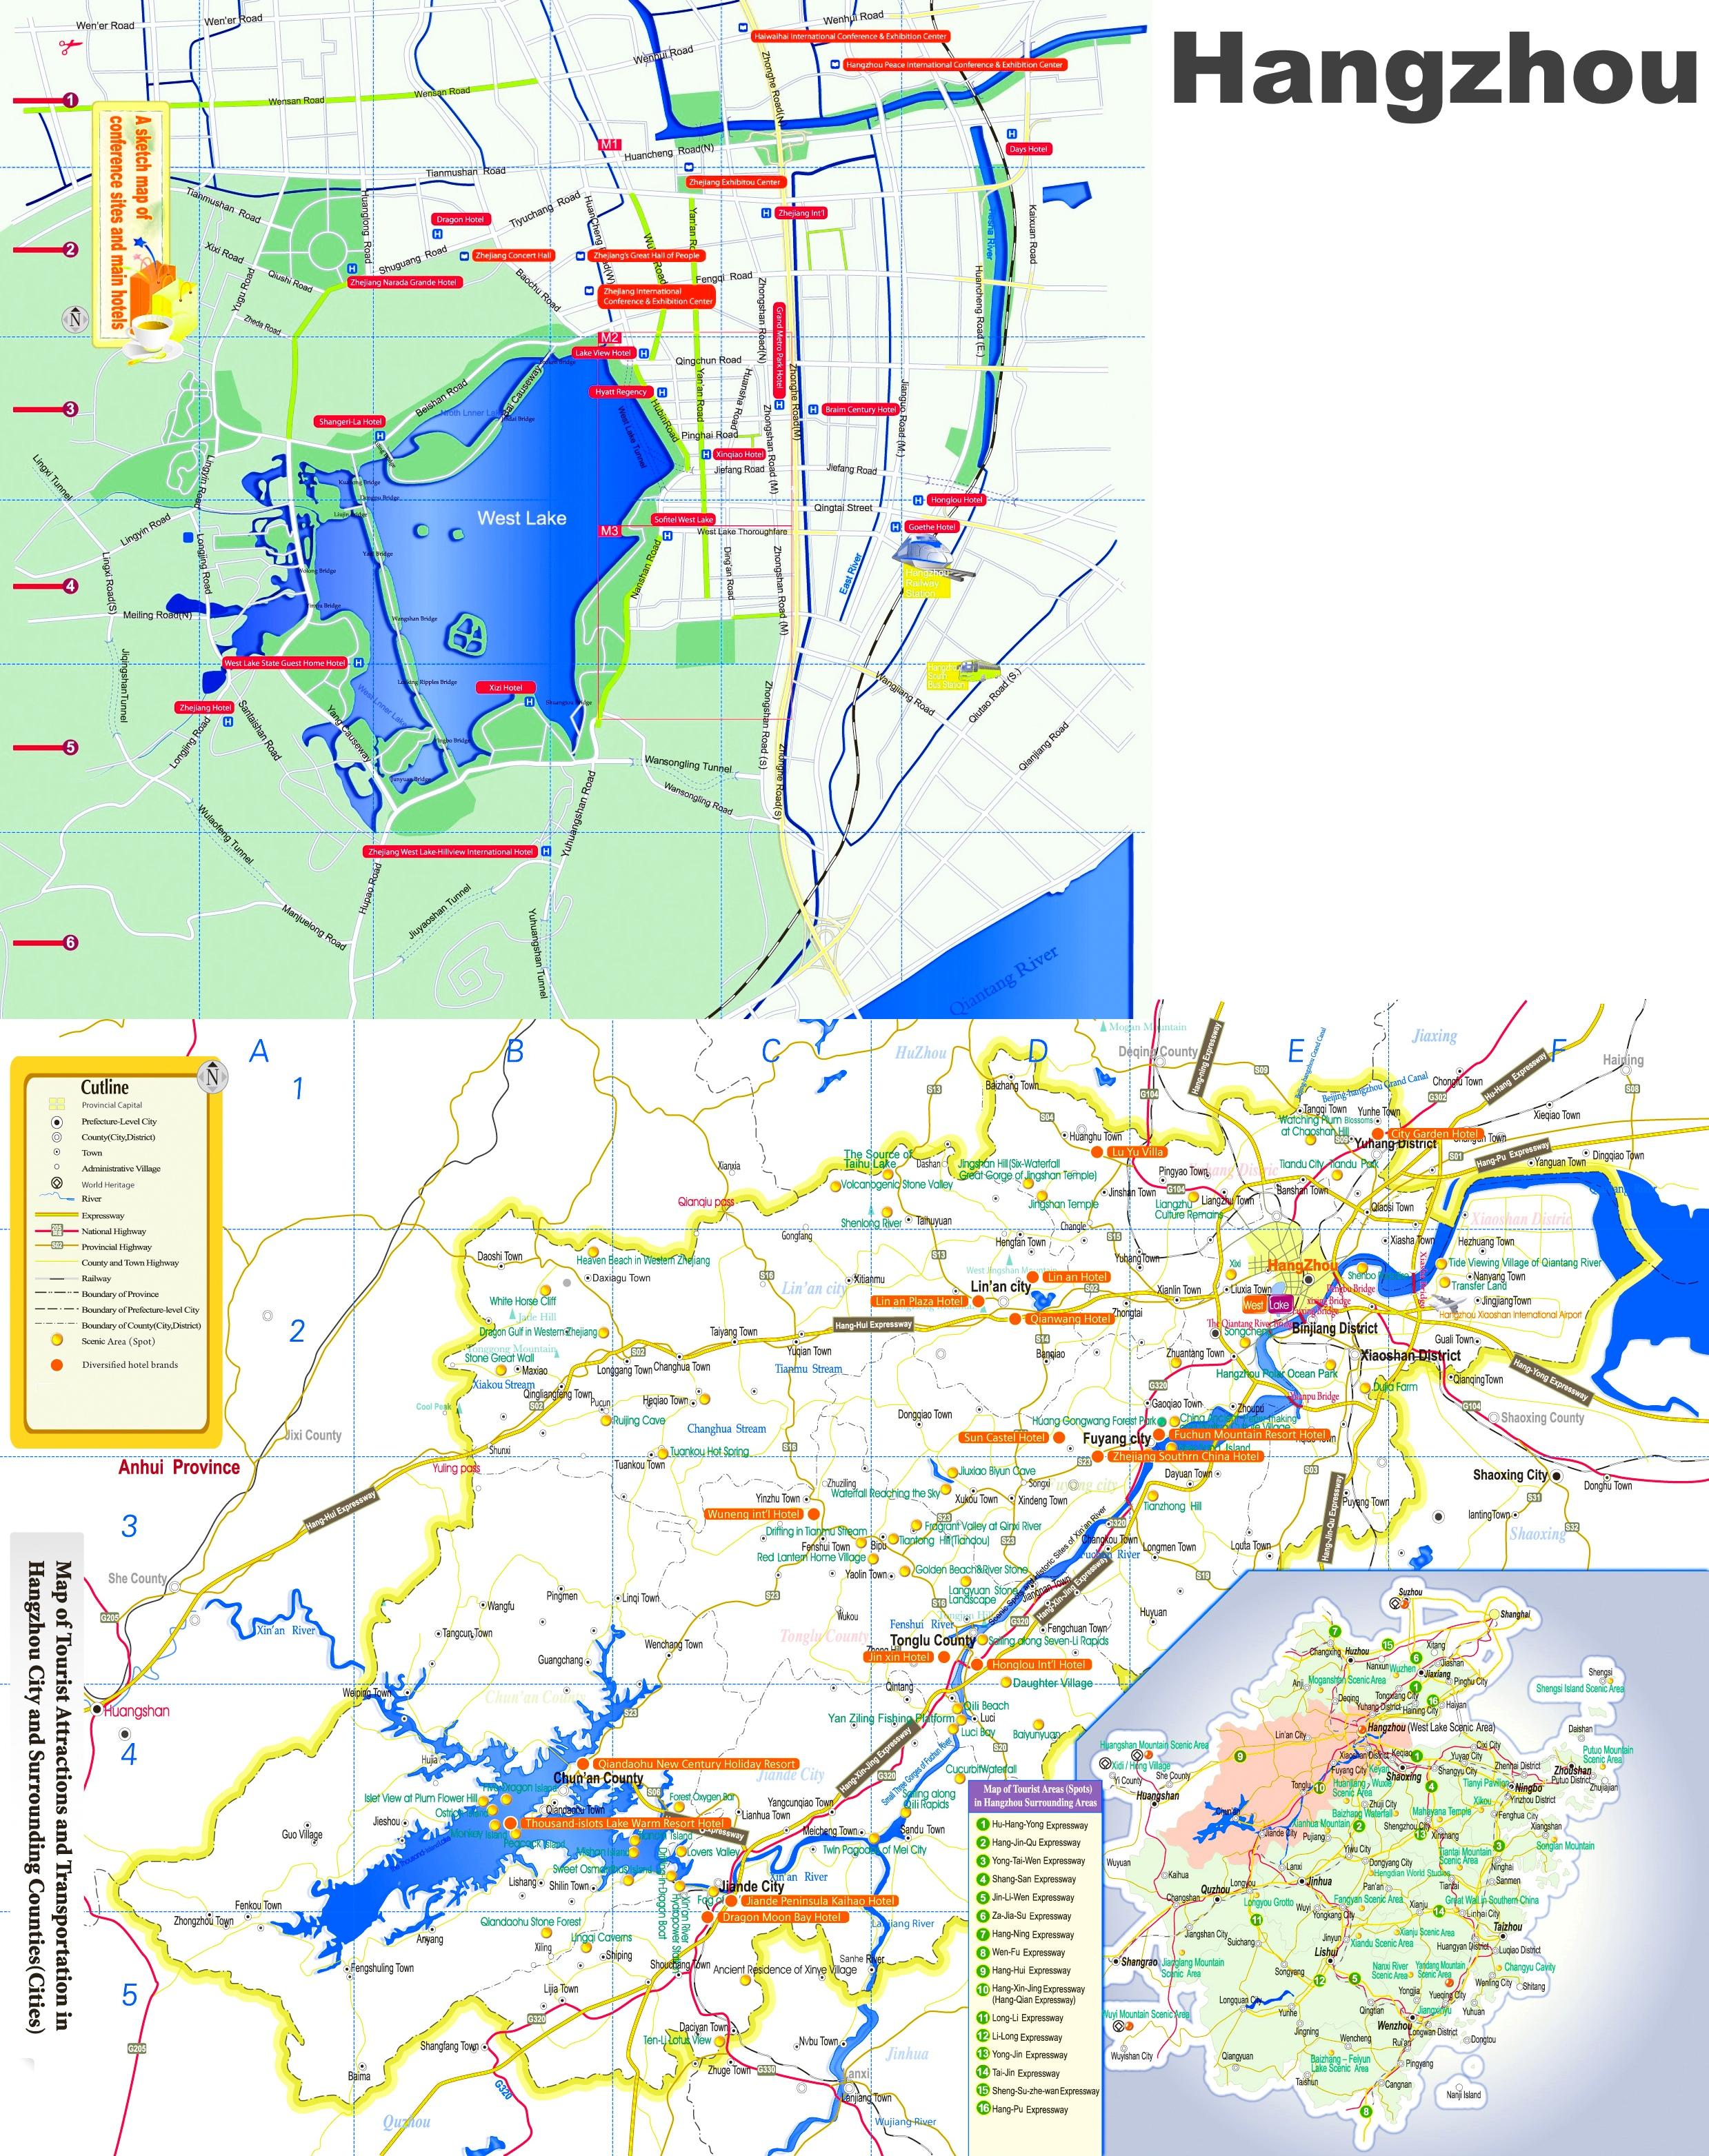 Hangzhou tourist map